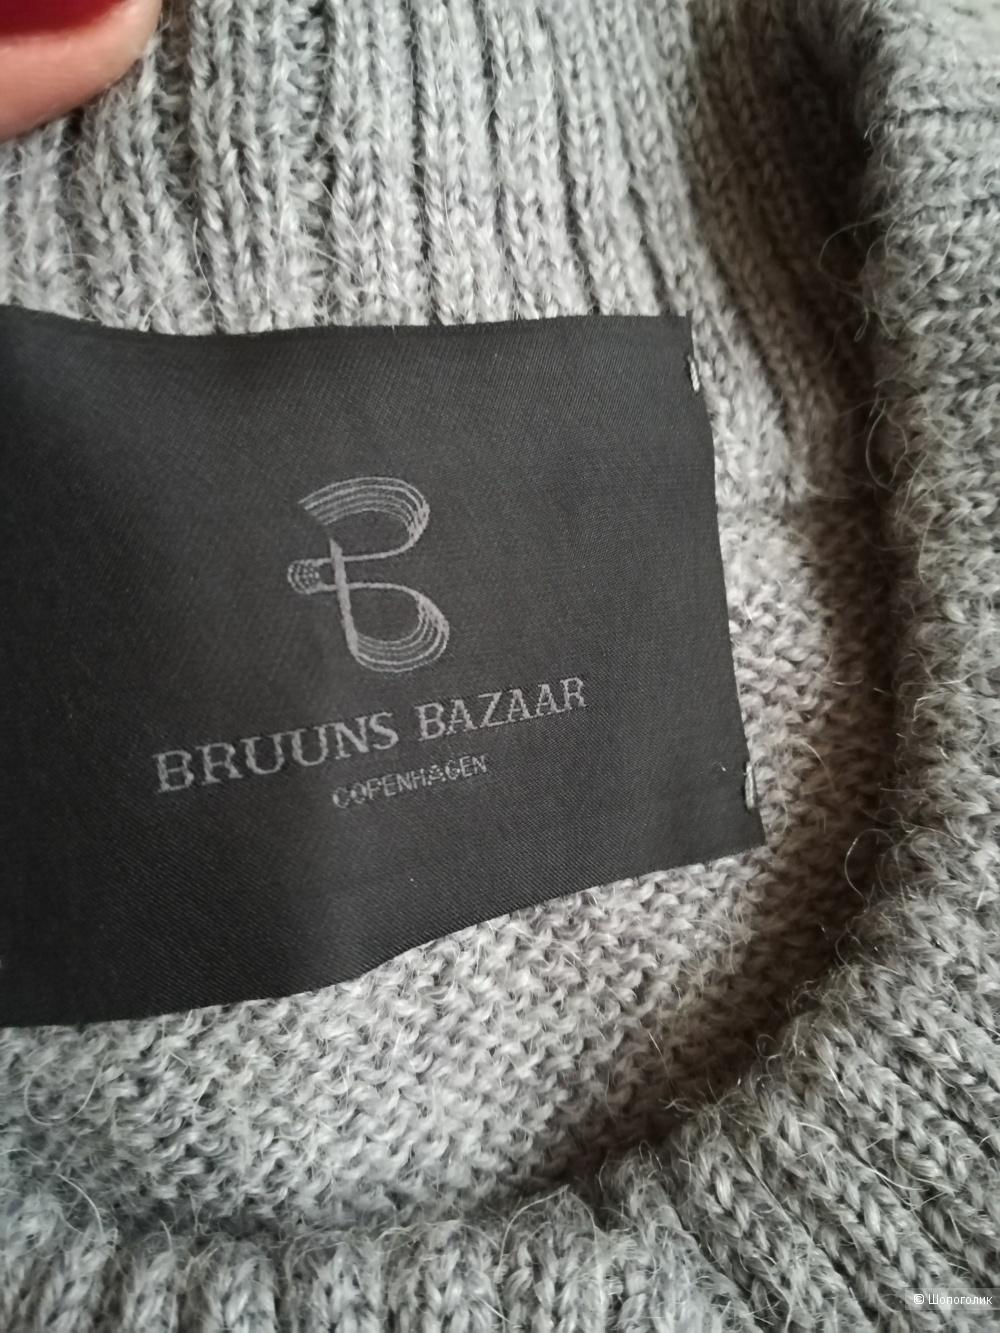 Жакет Bruuns bazaar, размер М